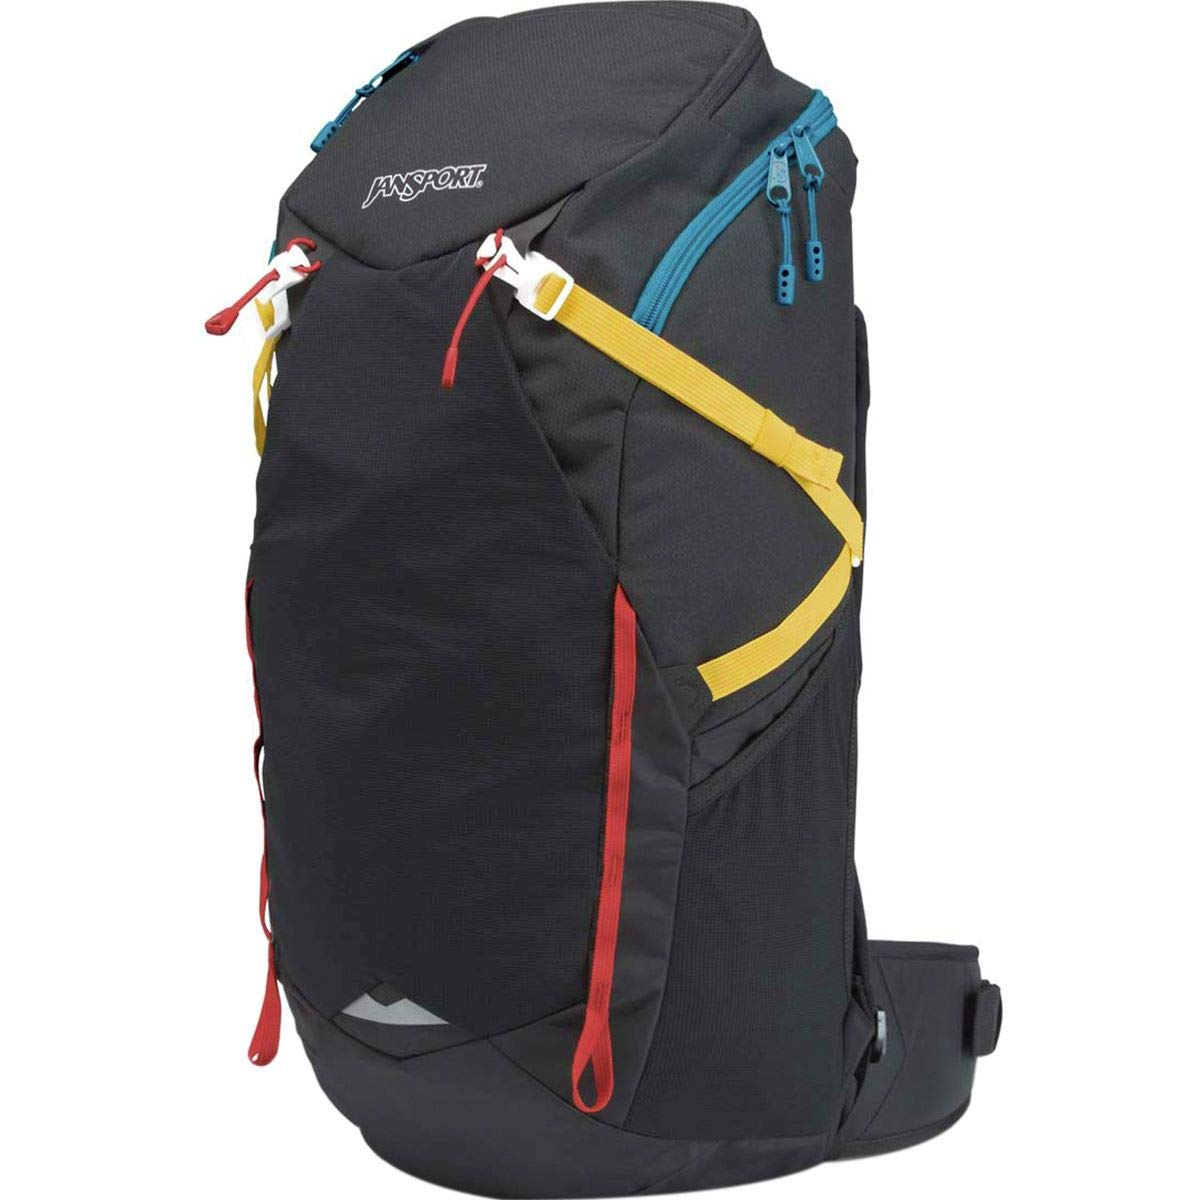 [ジャンスポーツ] メンズ バックパックリュックサック Tahoma 40L Backpack [並行輸入品] No-Size  B07QMLSBYZ